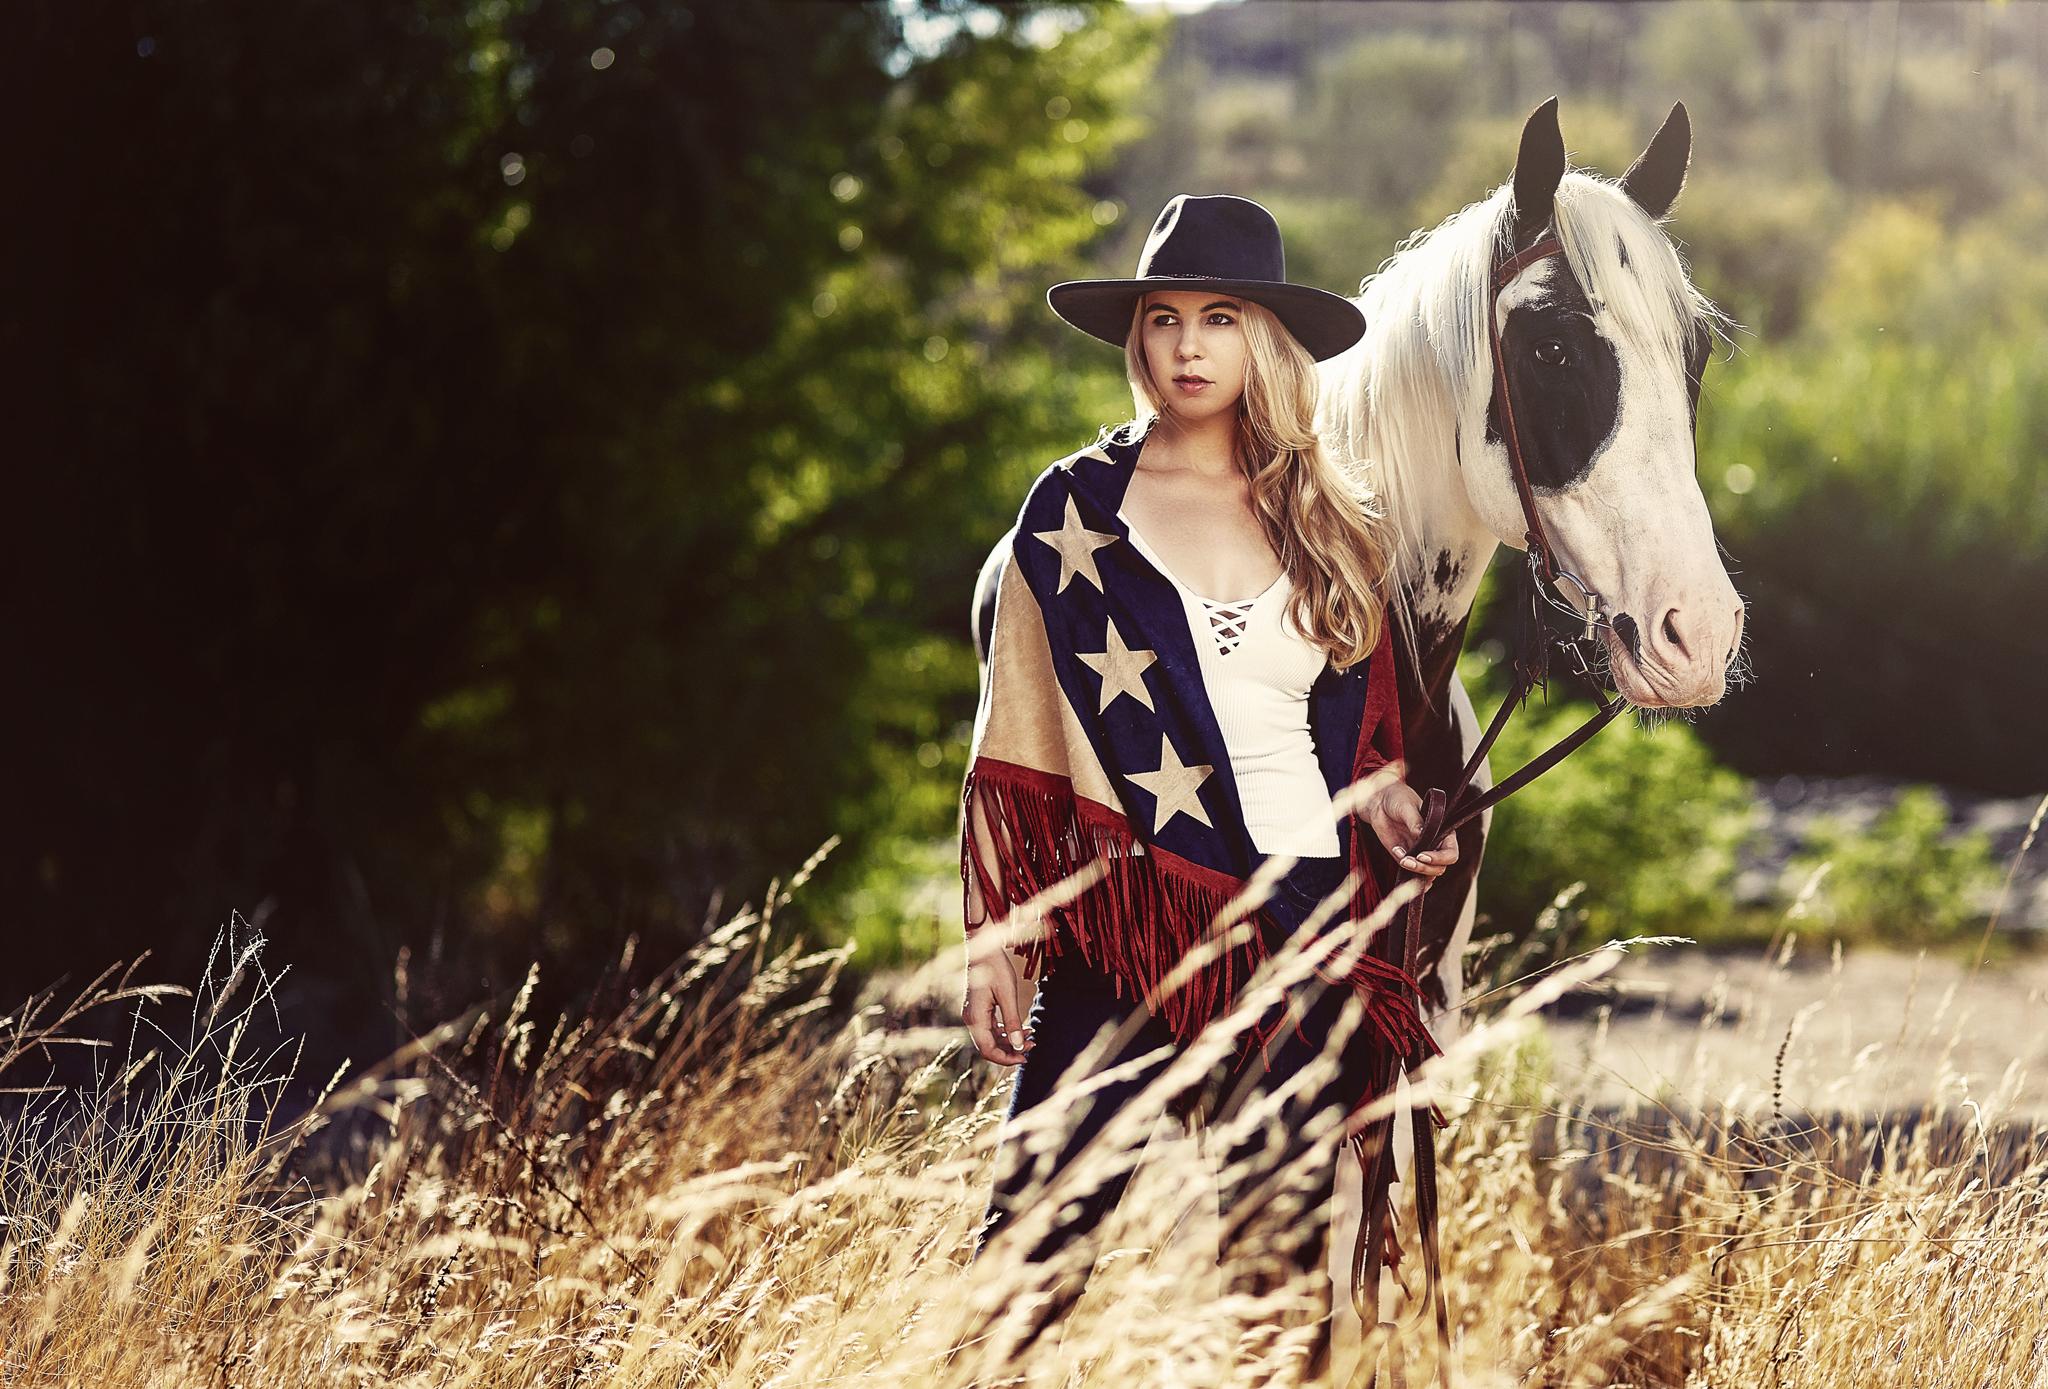 Phoenix Fashion Portrait Photographer